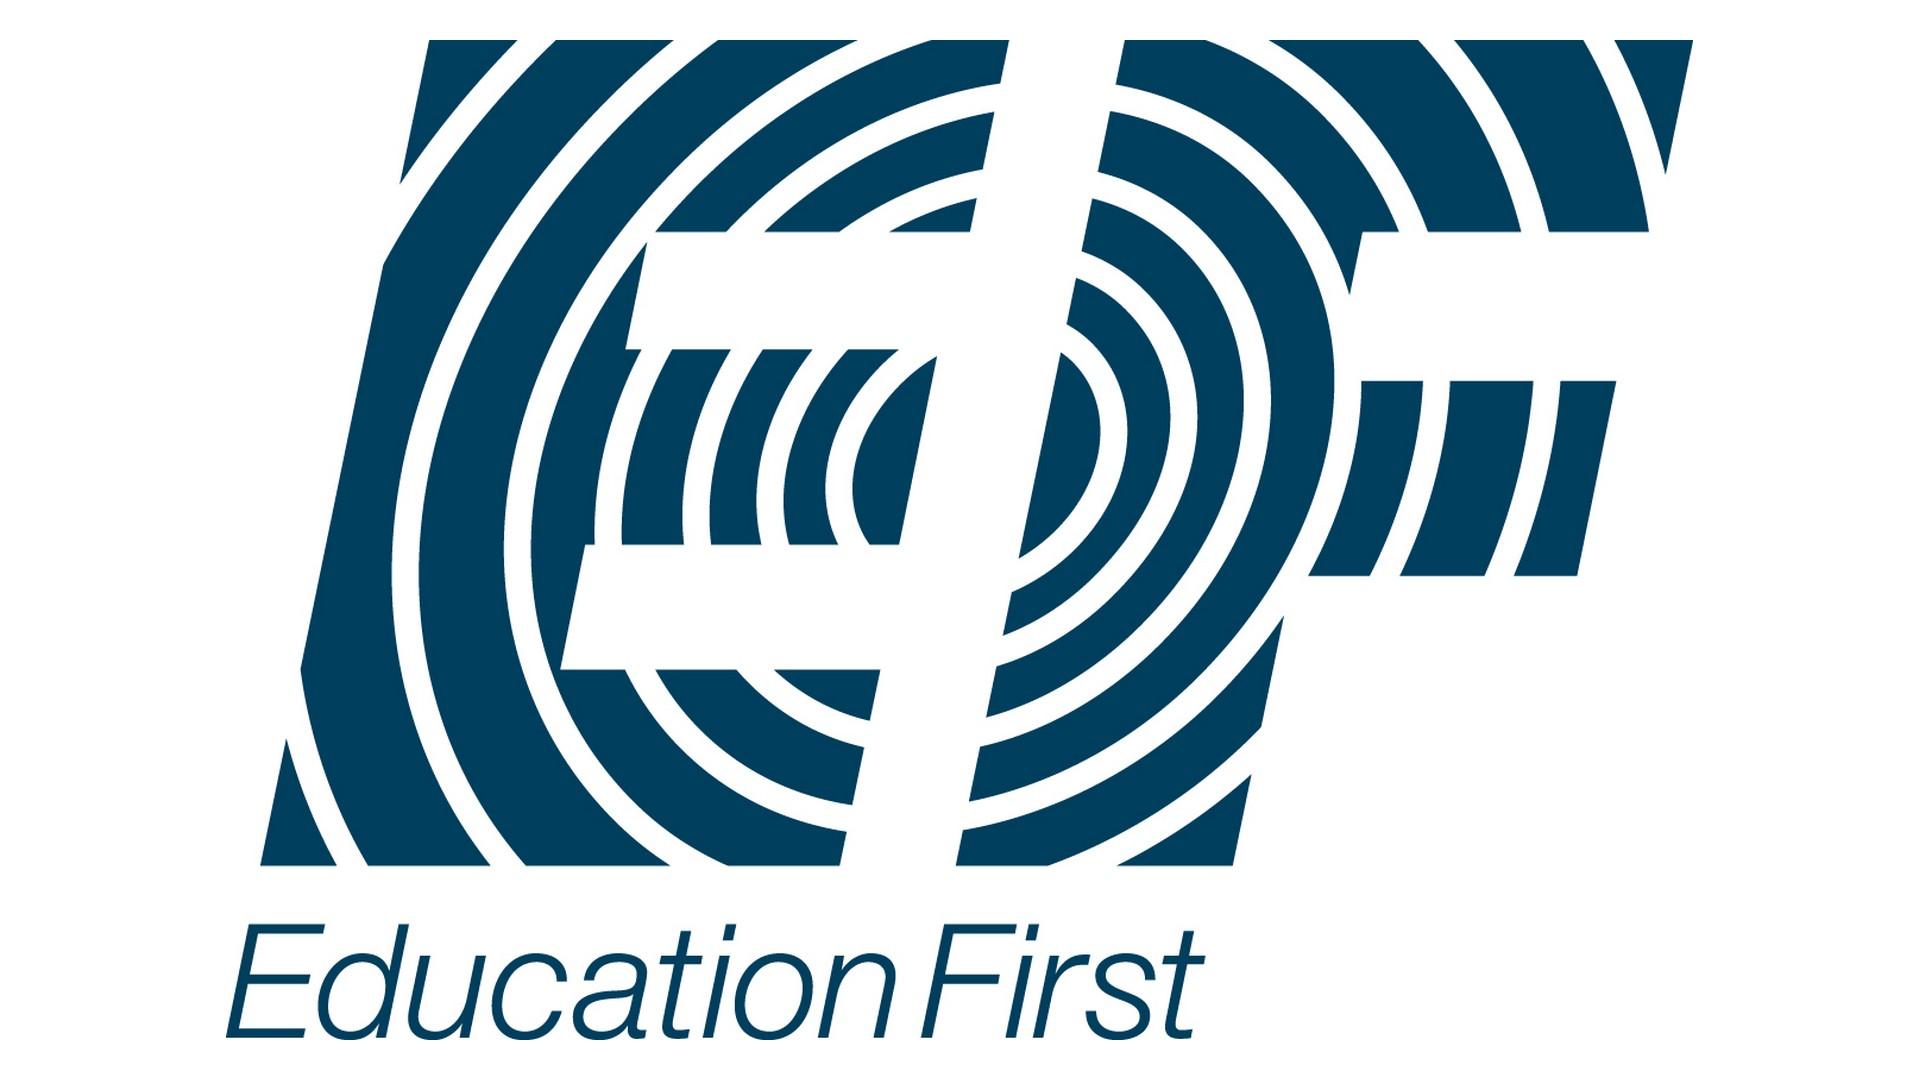 EF Education First (1) Logo